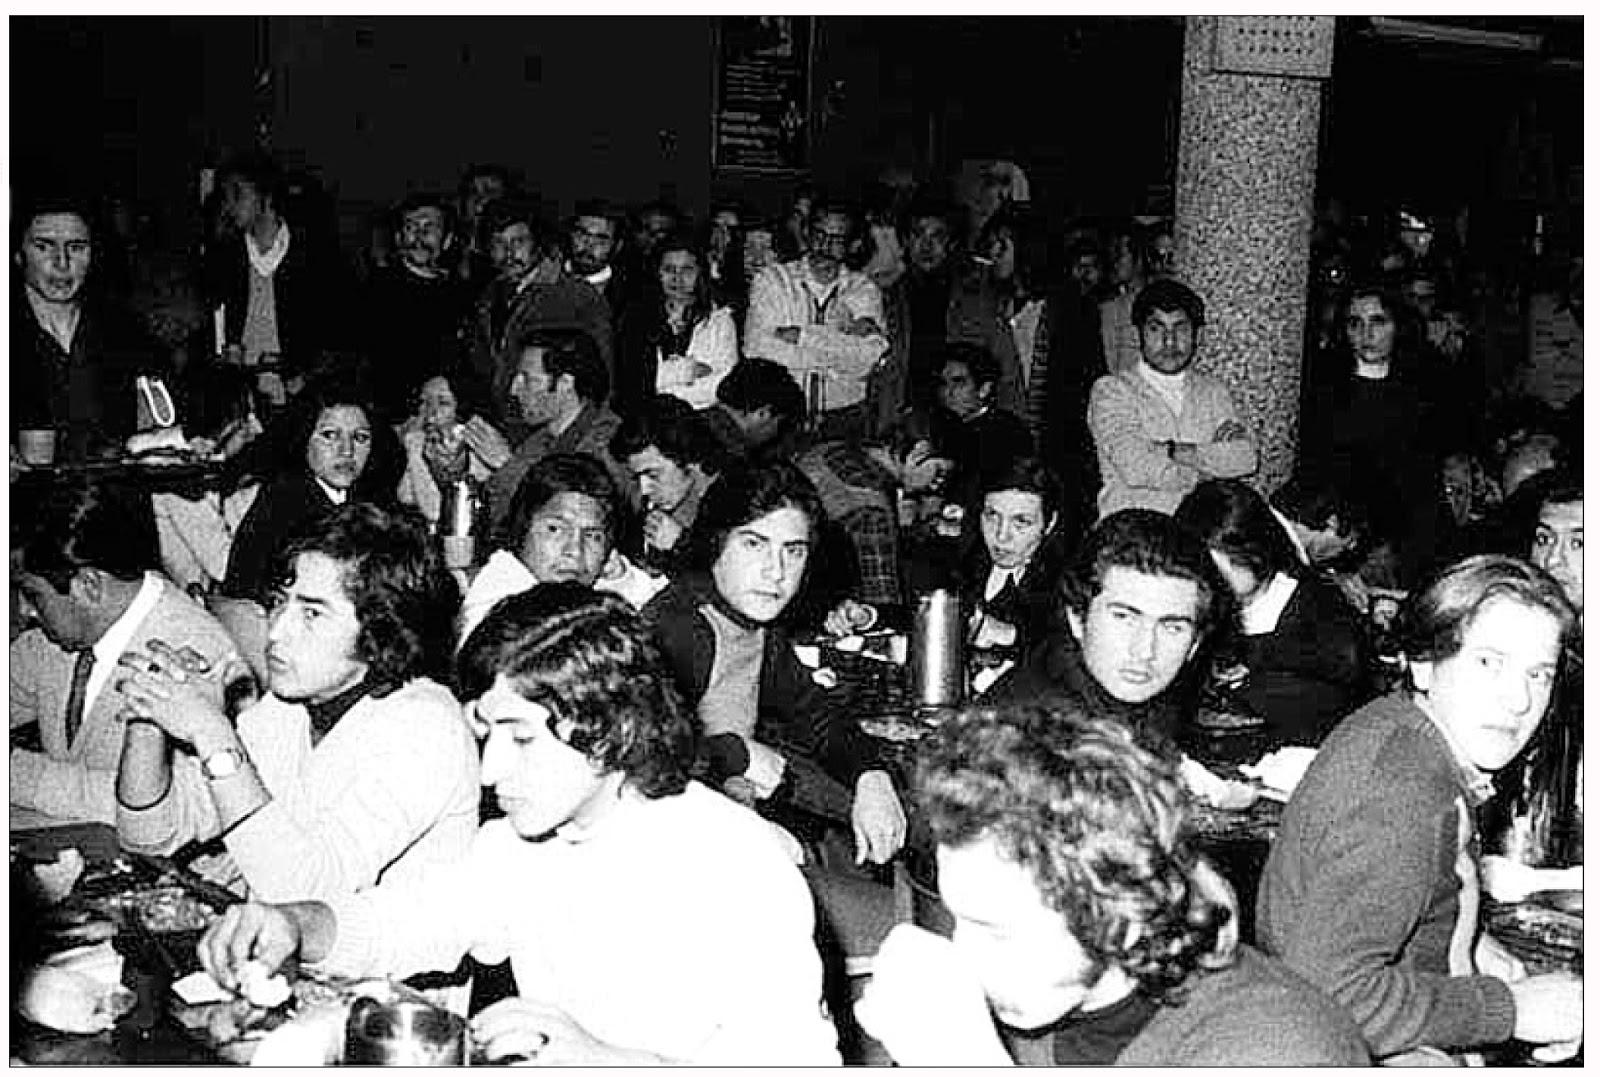 Qnp lugar de resistencia lugar de represi n for Comedor universitario unlp